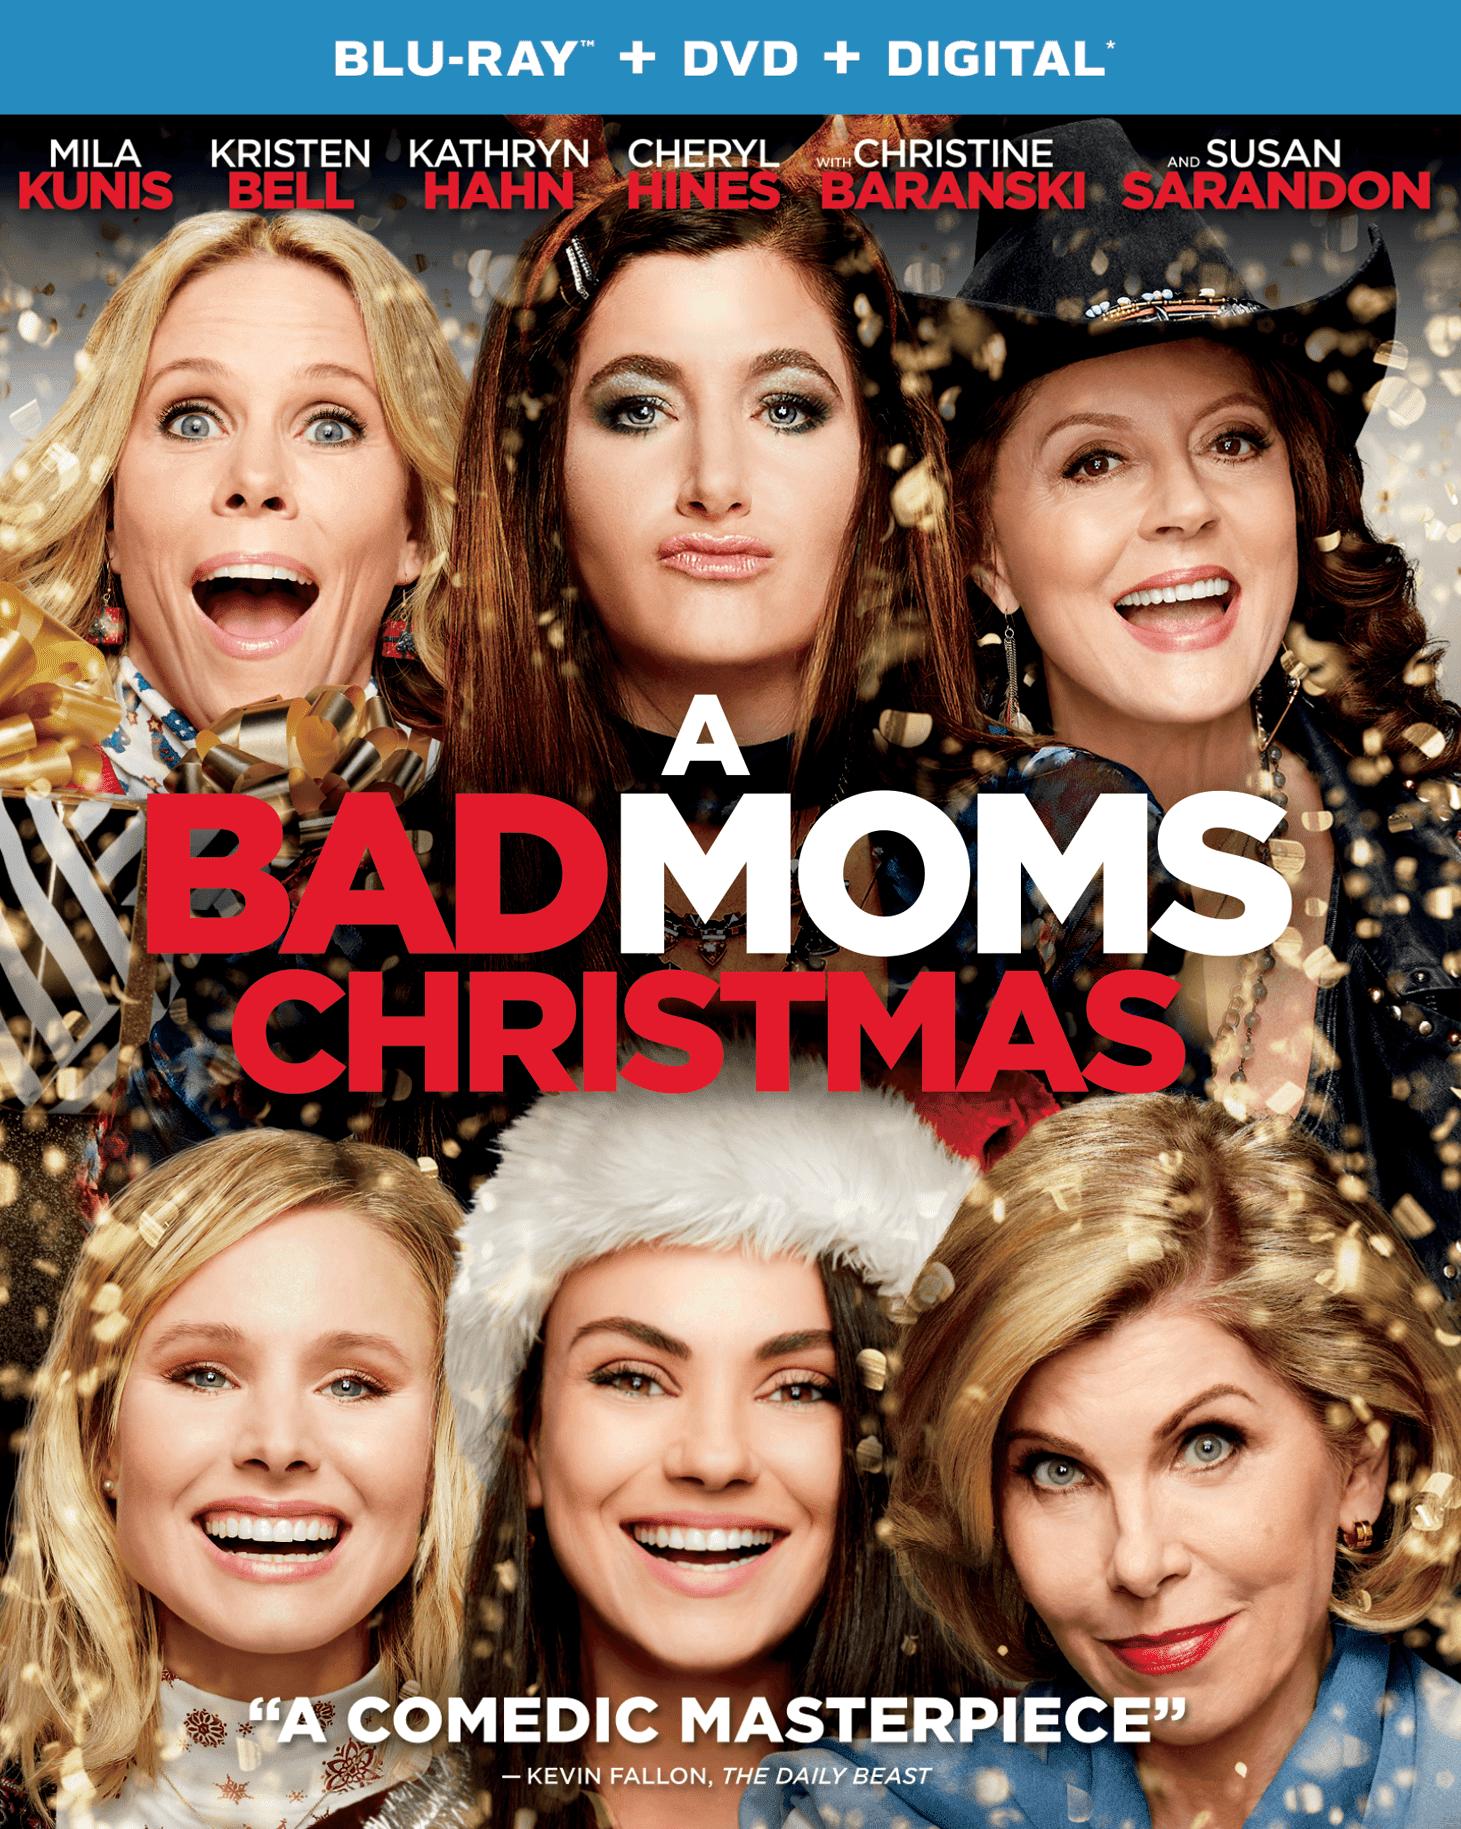 A Bad Moms Christmas (Blu-ray